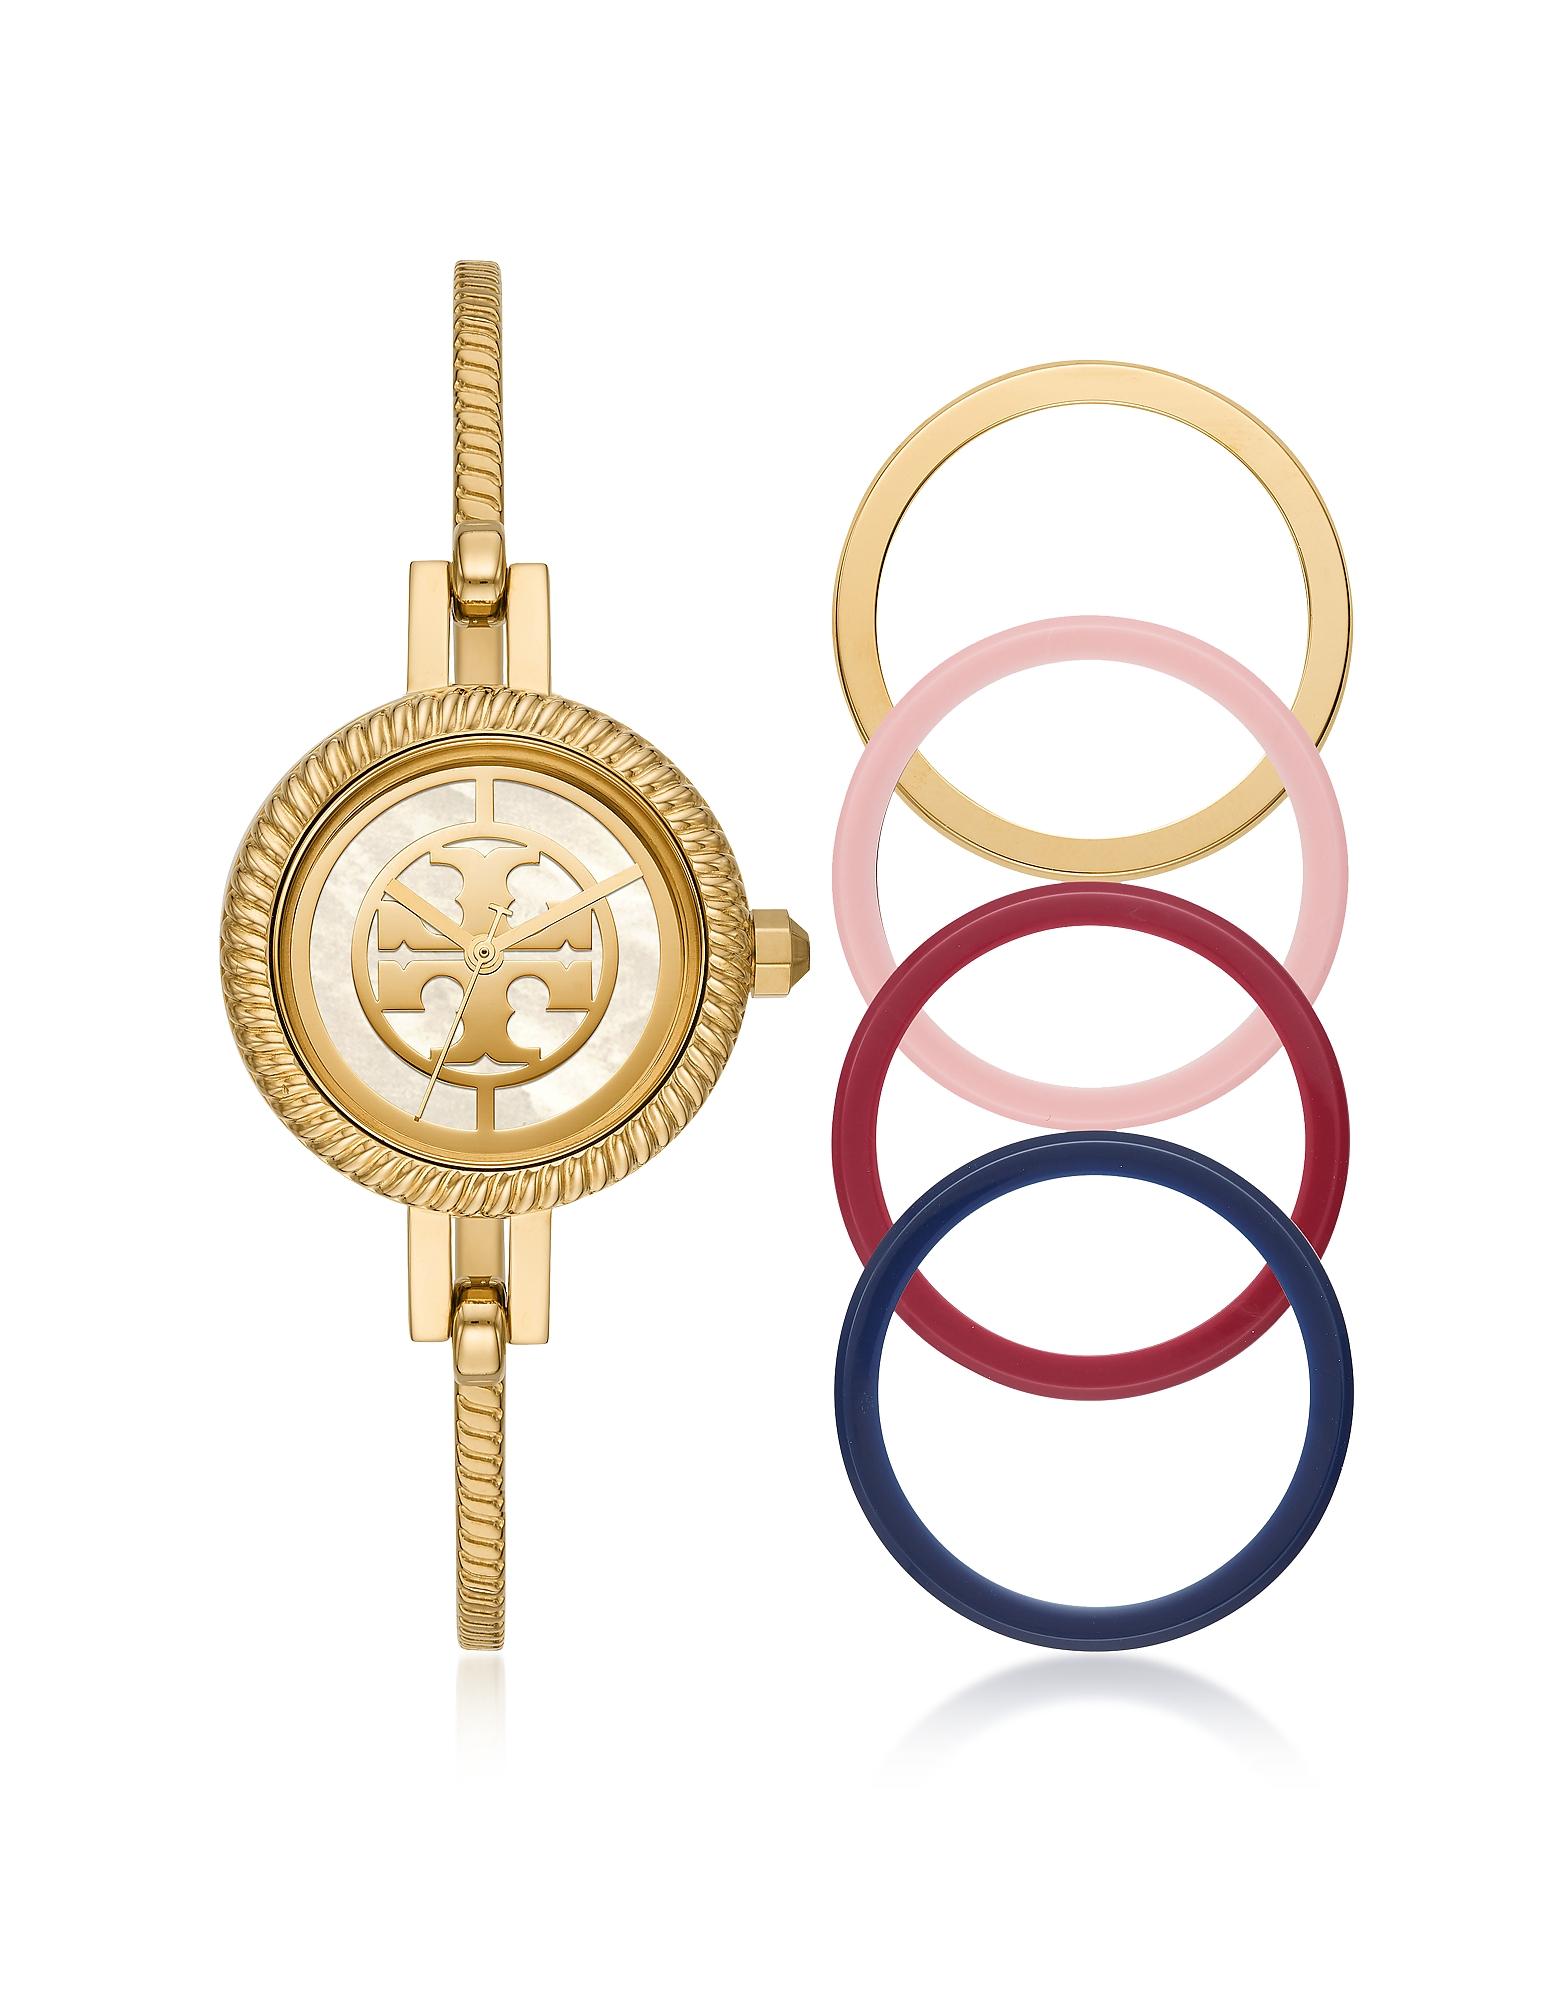 Tory Burch Designer Women's Watches, The Reva Bangle Watch